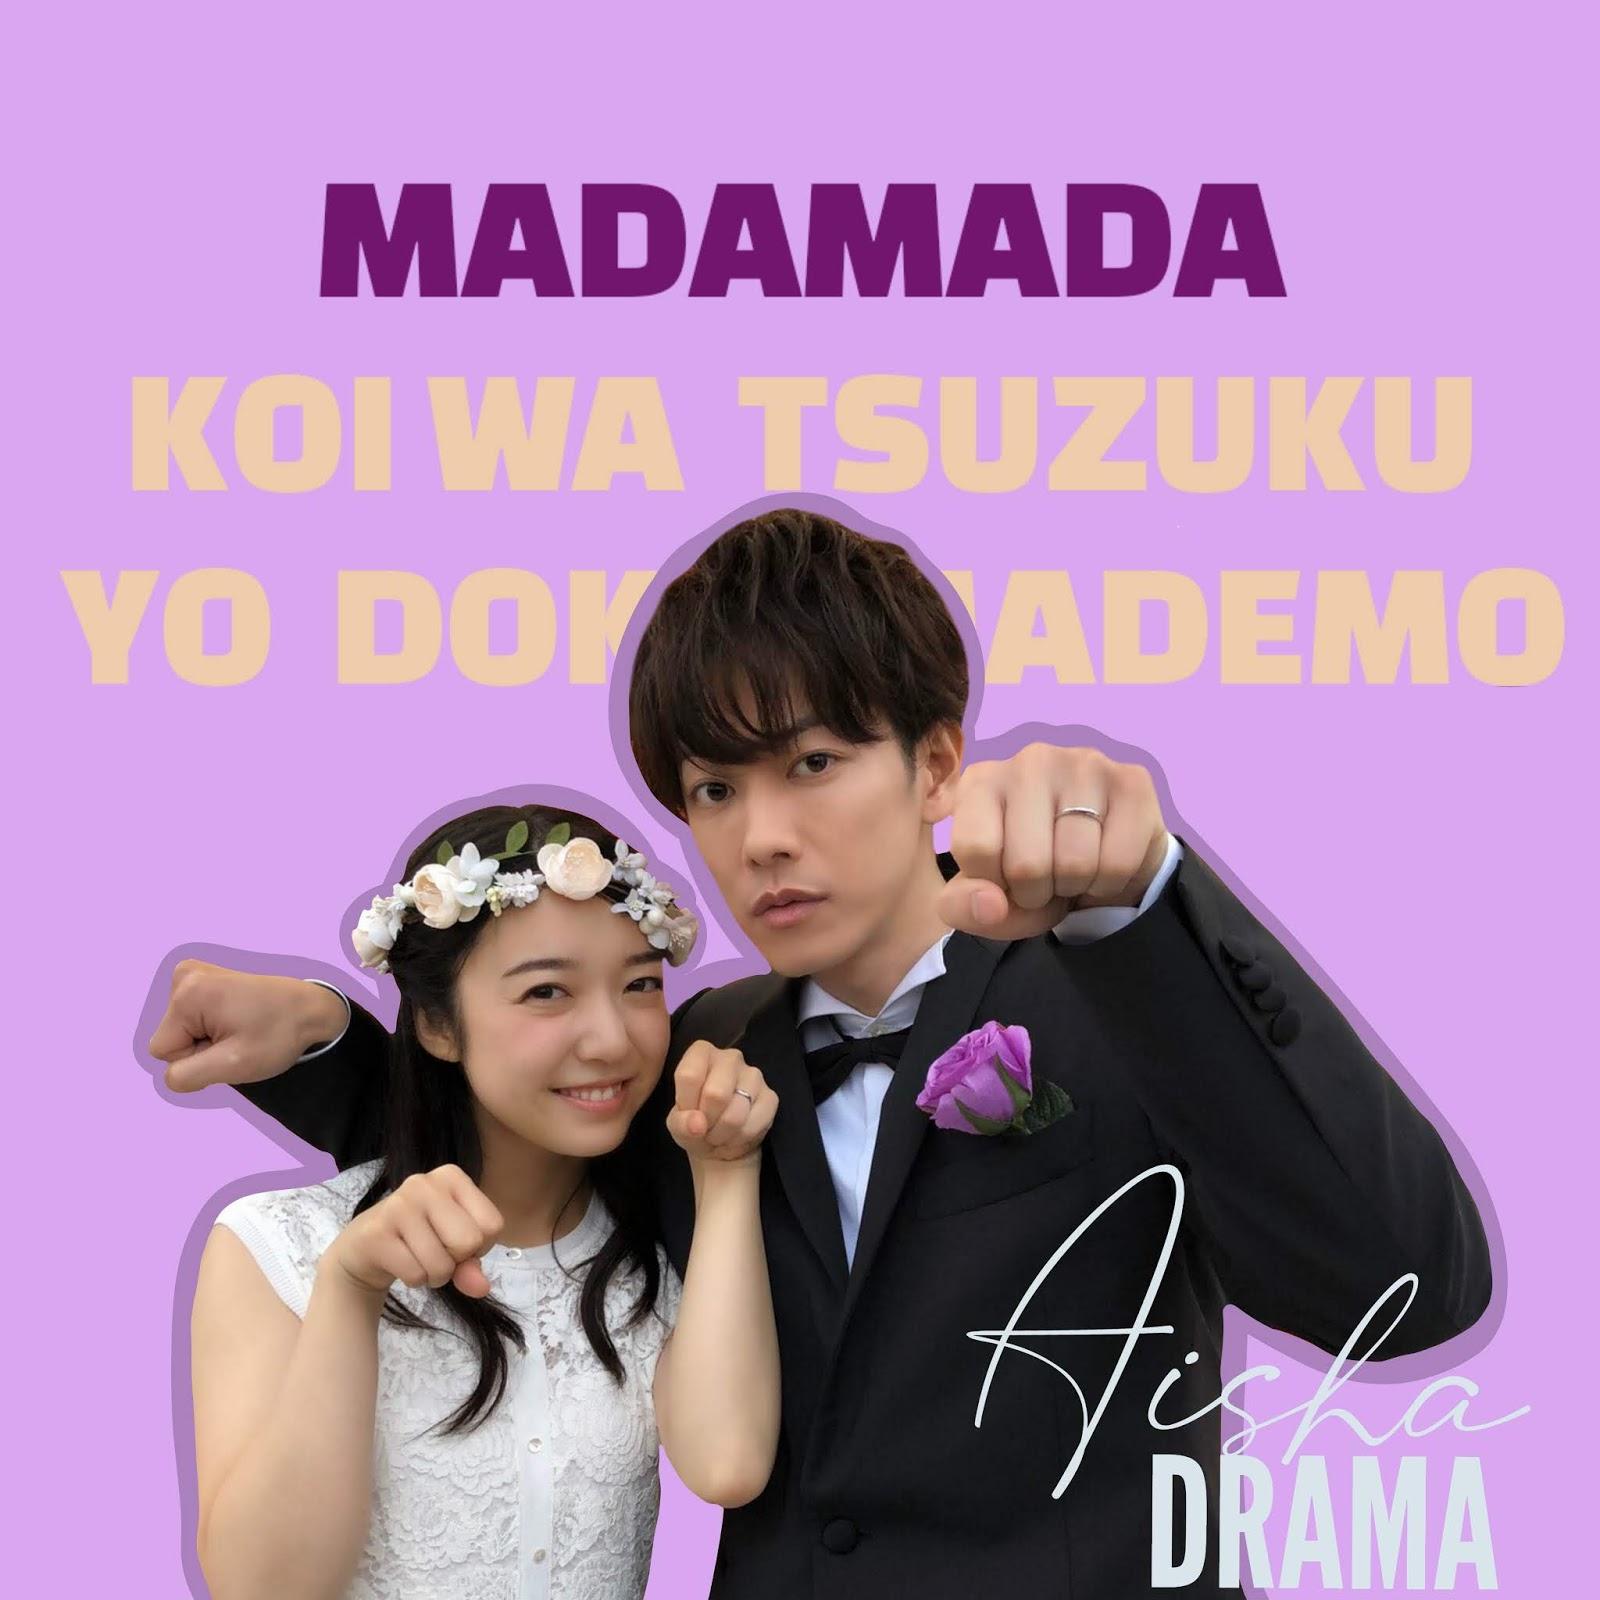 Mada Mada Koi Wa Tsuzuku Yo Dokomademo 2020 Japon Dizi Aisha Drama .yo doko made mo native title: mada mada koi wa tsuzuku yo dokomademo